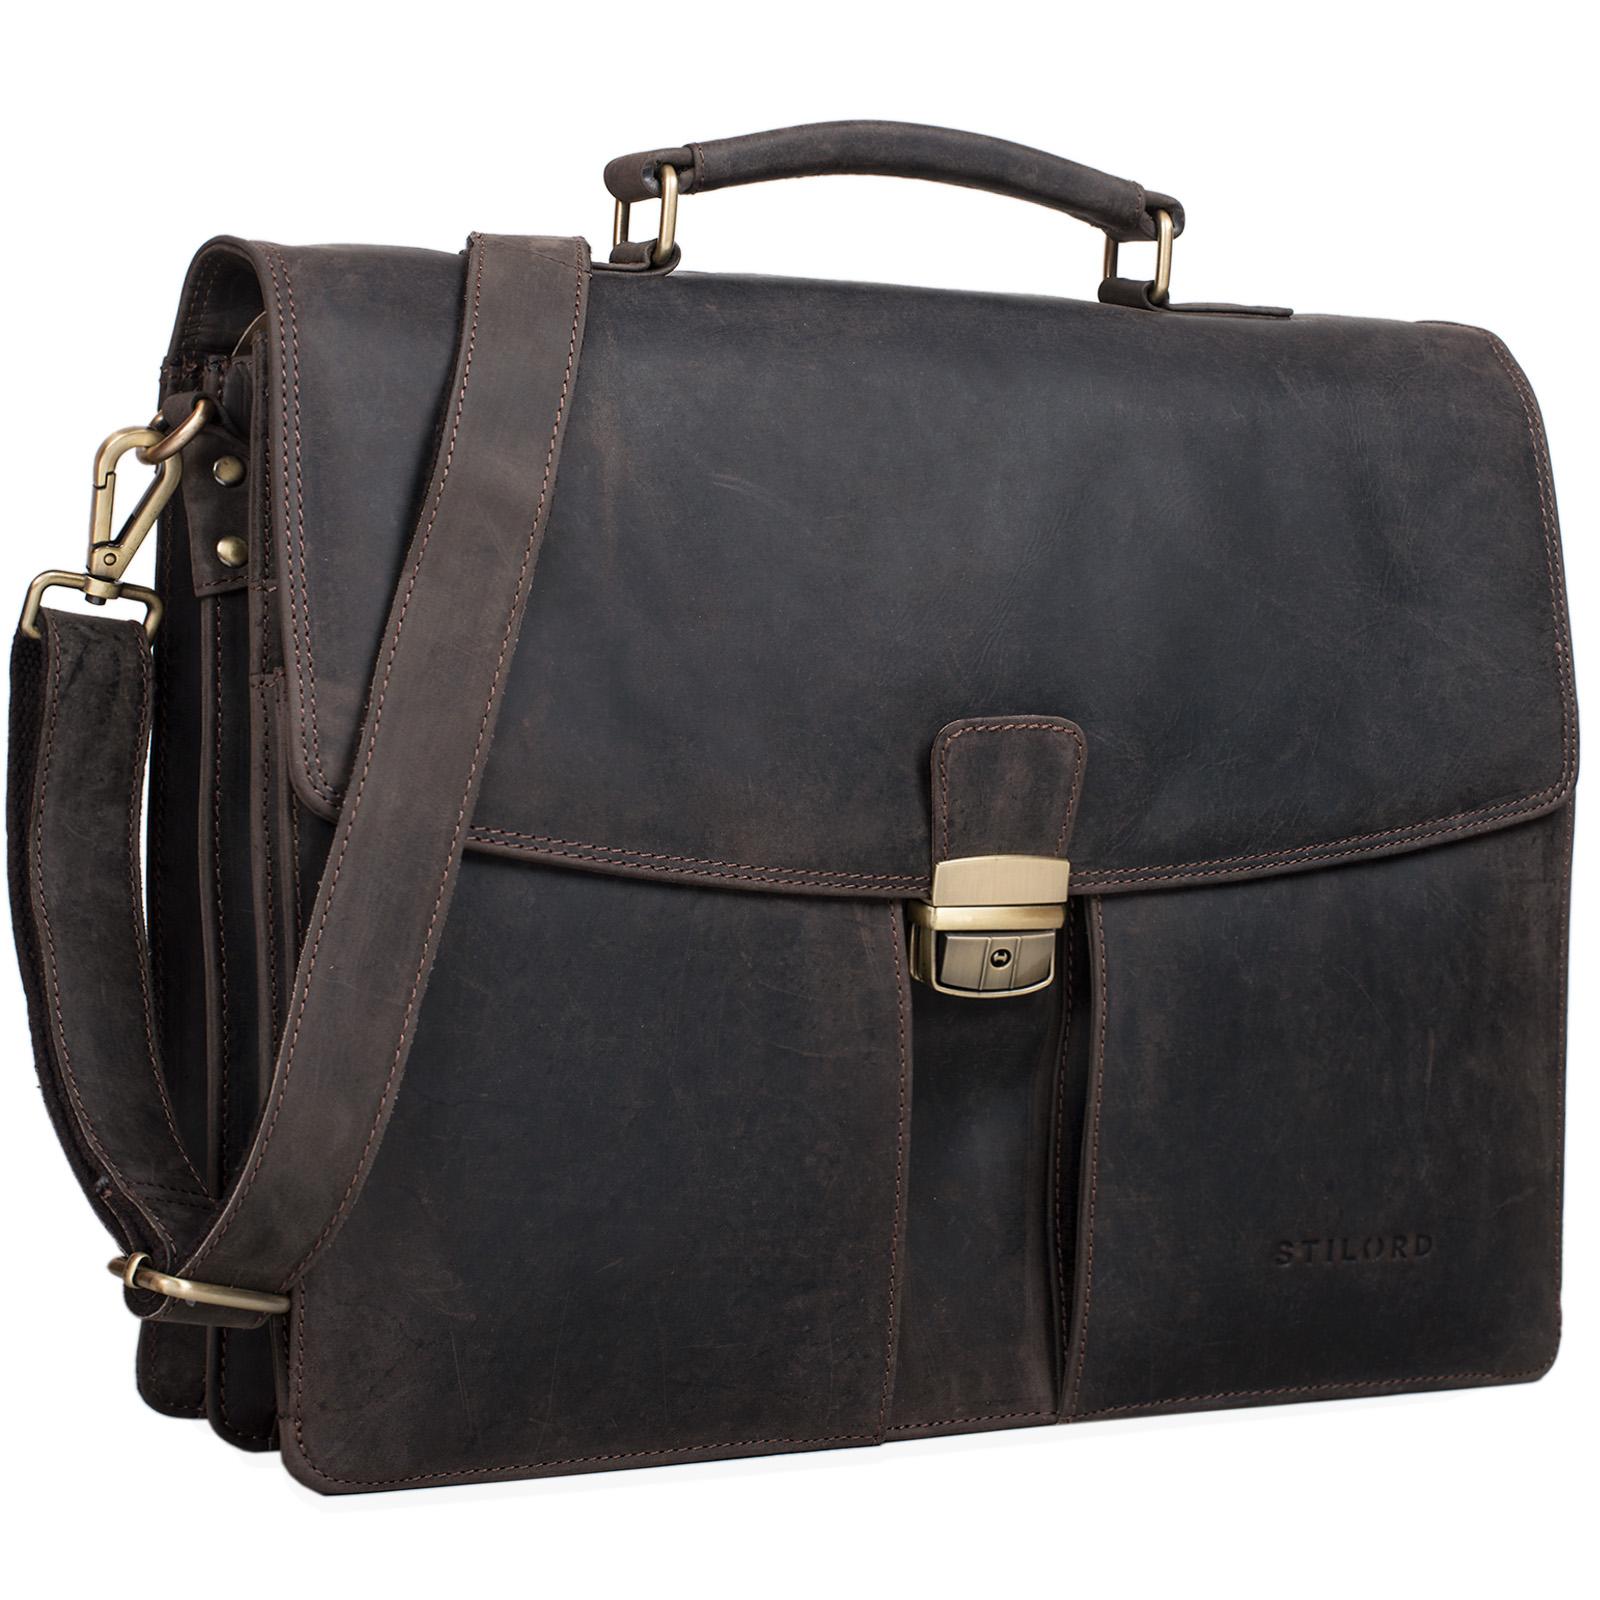 """STILORD """"Julian"""" Aktentasche Leder Elegant Klassische Businesstasche mit Schloss groß aufsteckbar Bürotasche echtes Leder vom Rind - Bild 16"""